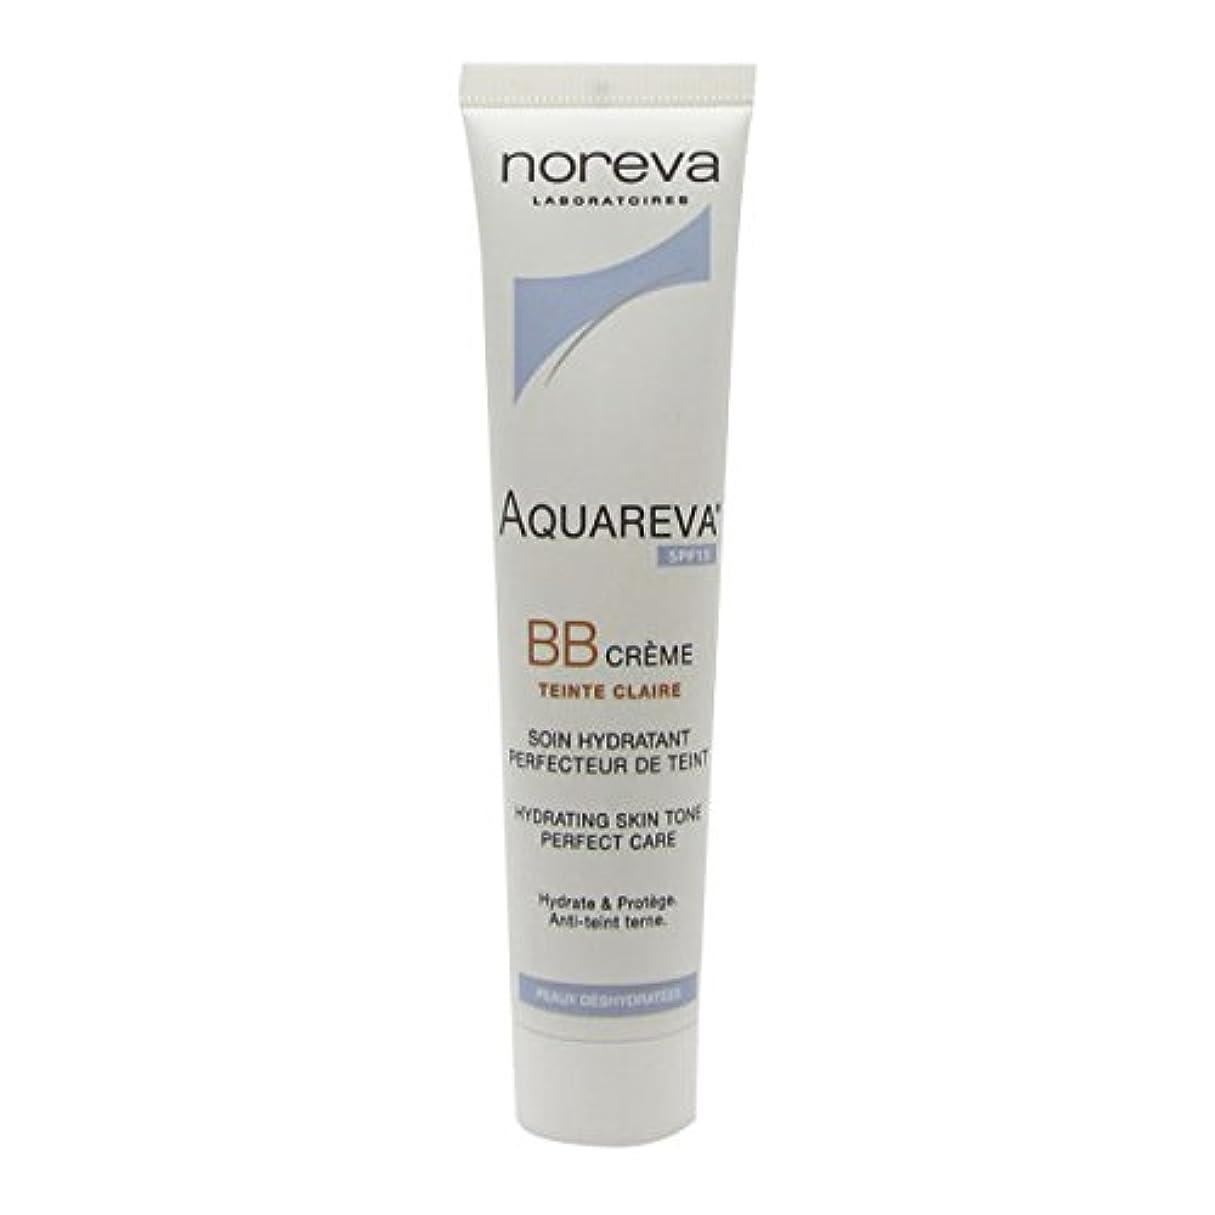 パスタエクスタシー判決Noreva Aquareva Bb Cream Clraire Spf15 40ml [並行輸入品]